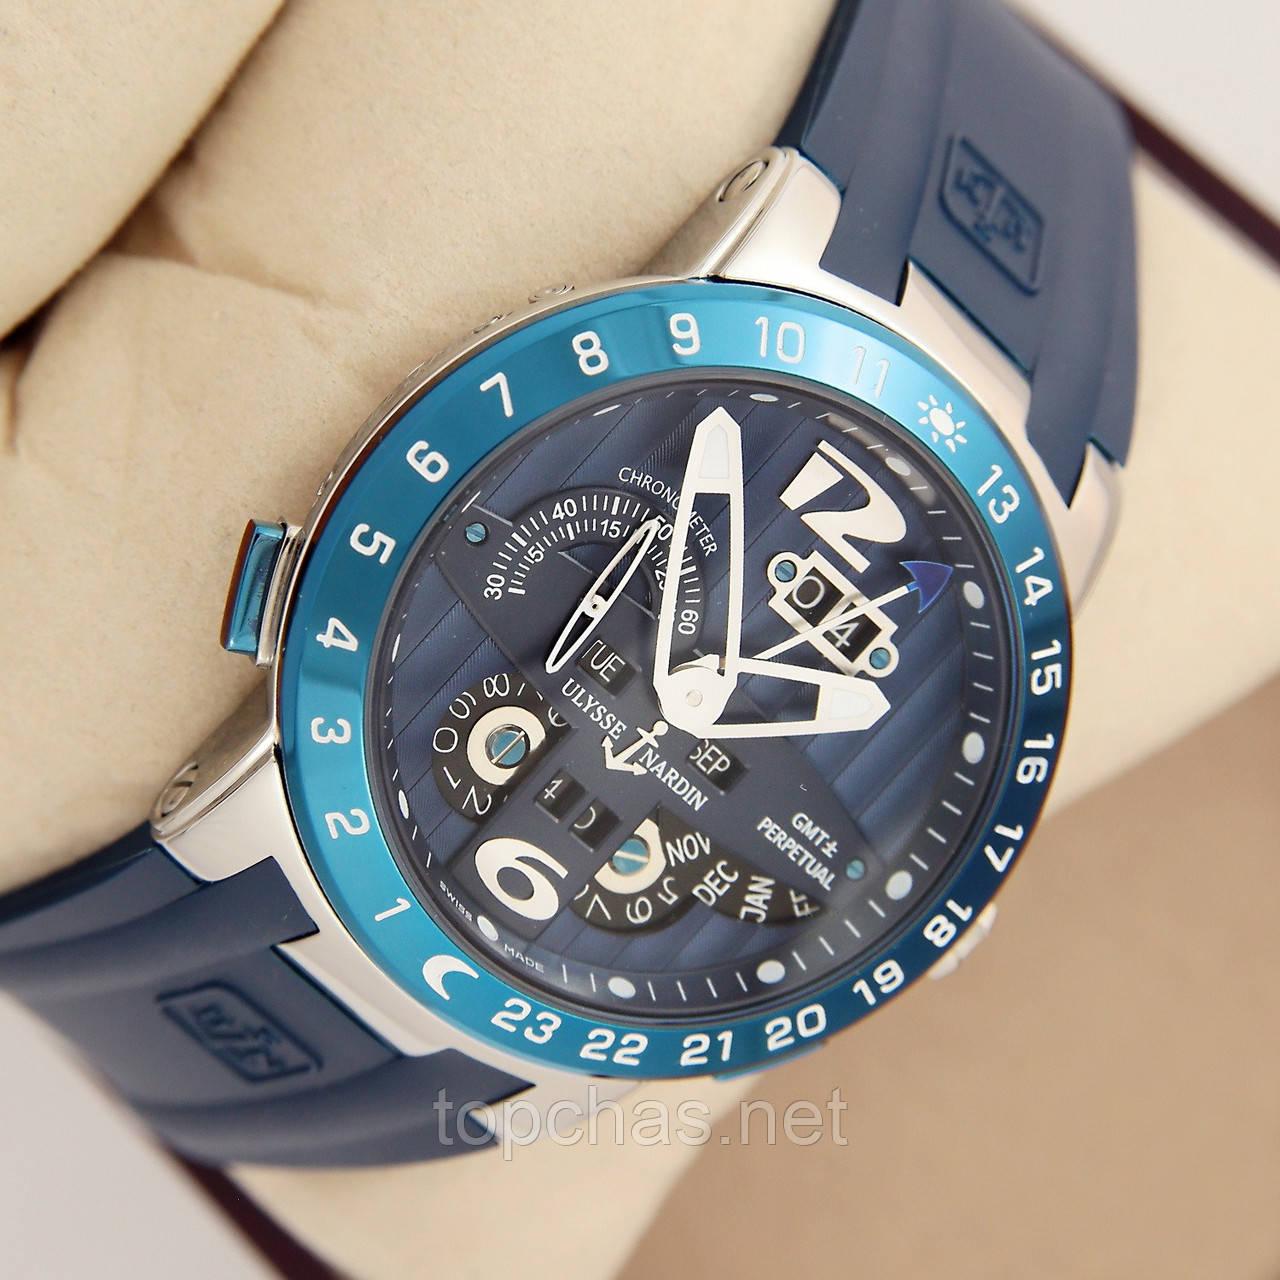 Наручные часы ulysse nardin механические какие купить часы бюджетные